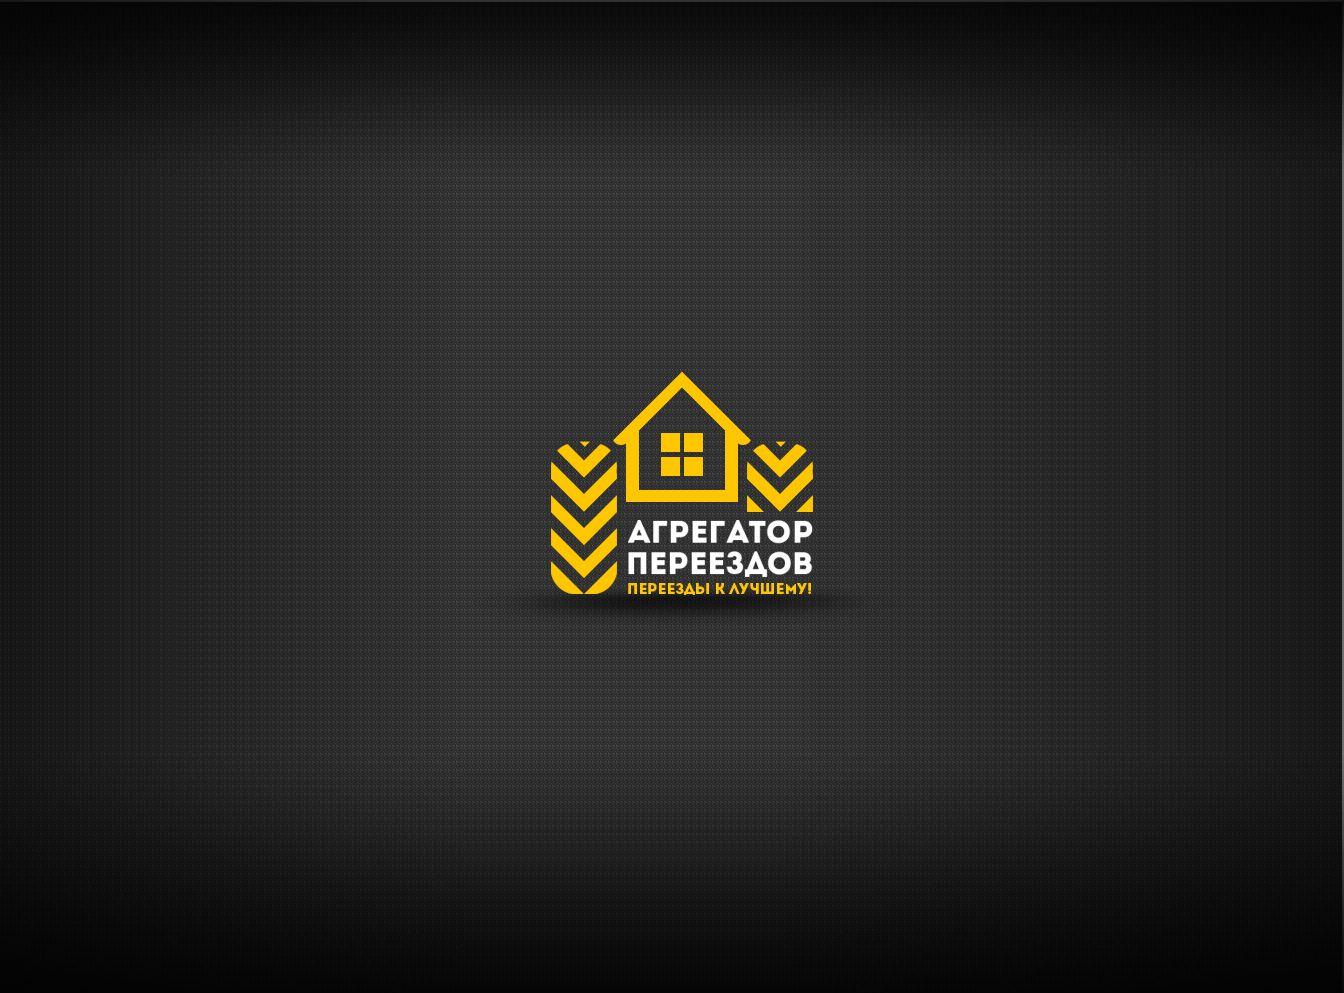 Логотип для компании Агрегатор переездов - дизайнер webgrafika